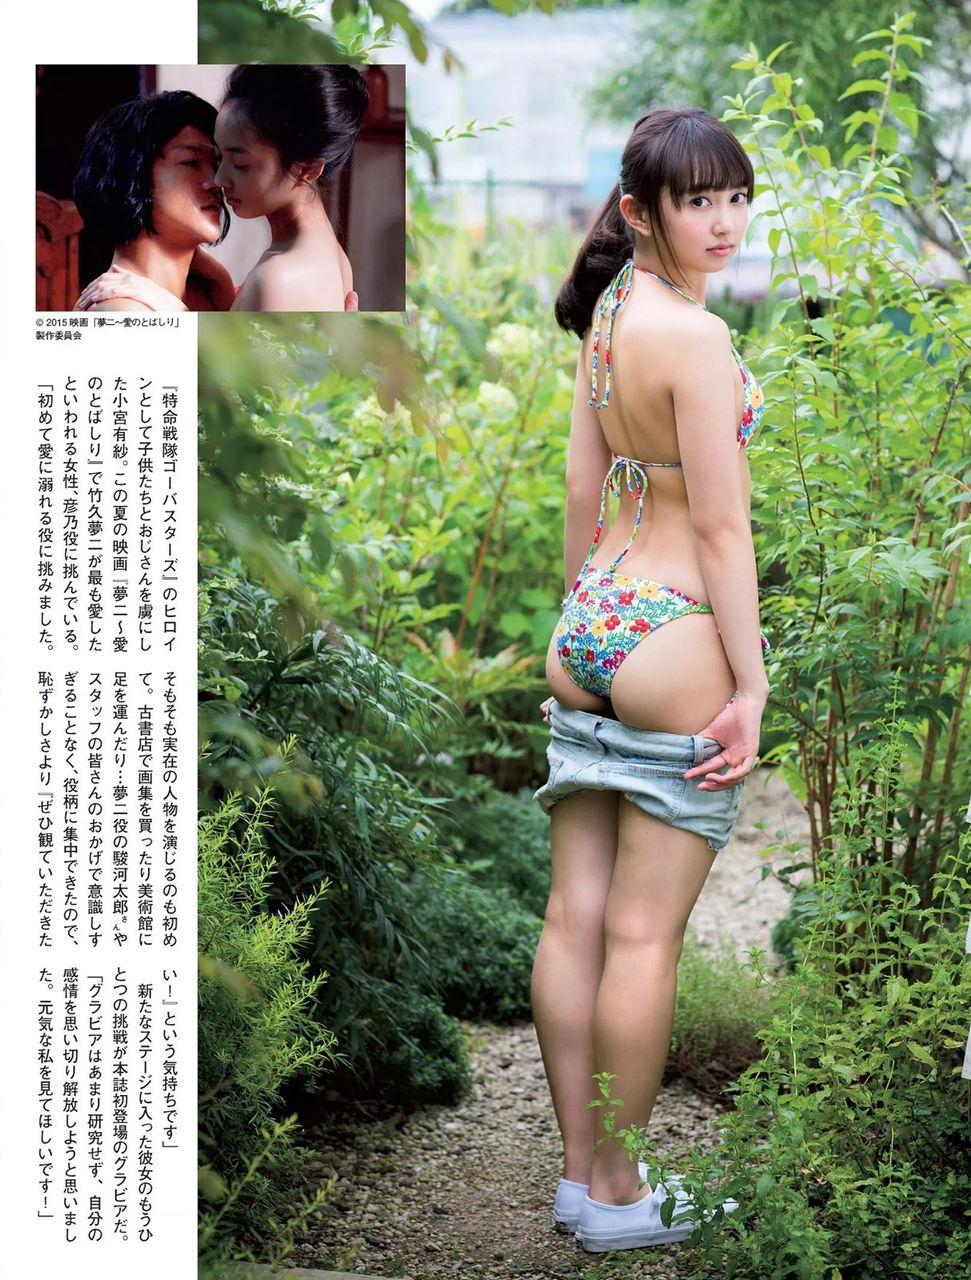 ラブライブ声優・小宮有紗(22)のドすけべミズ着グラビアがえろい☆尻と太ももがプリップリ☆